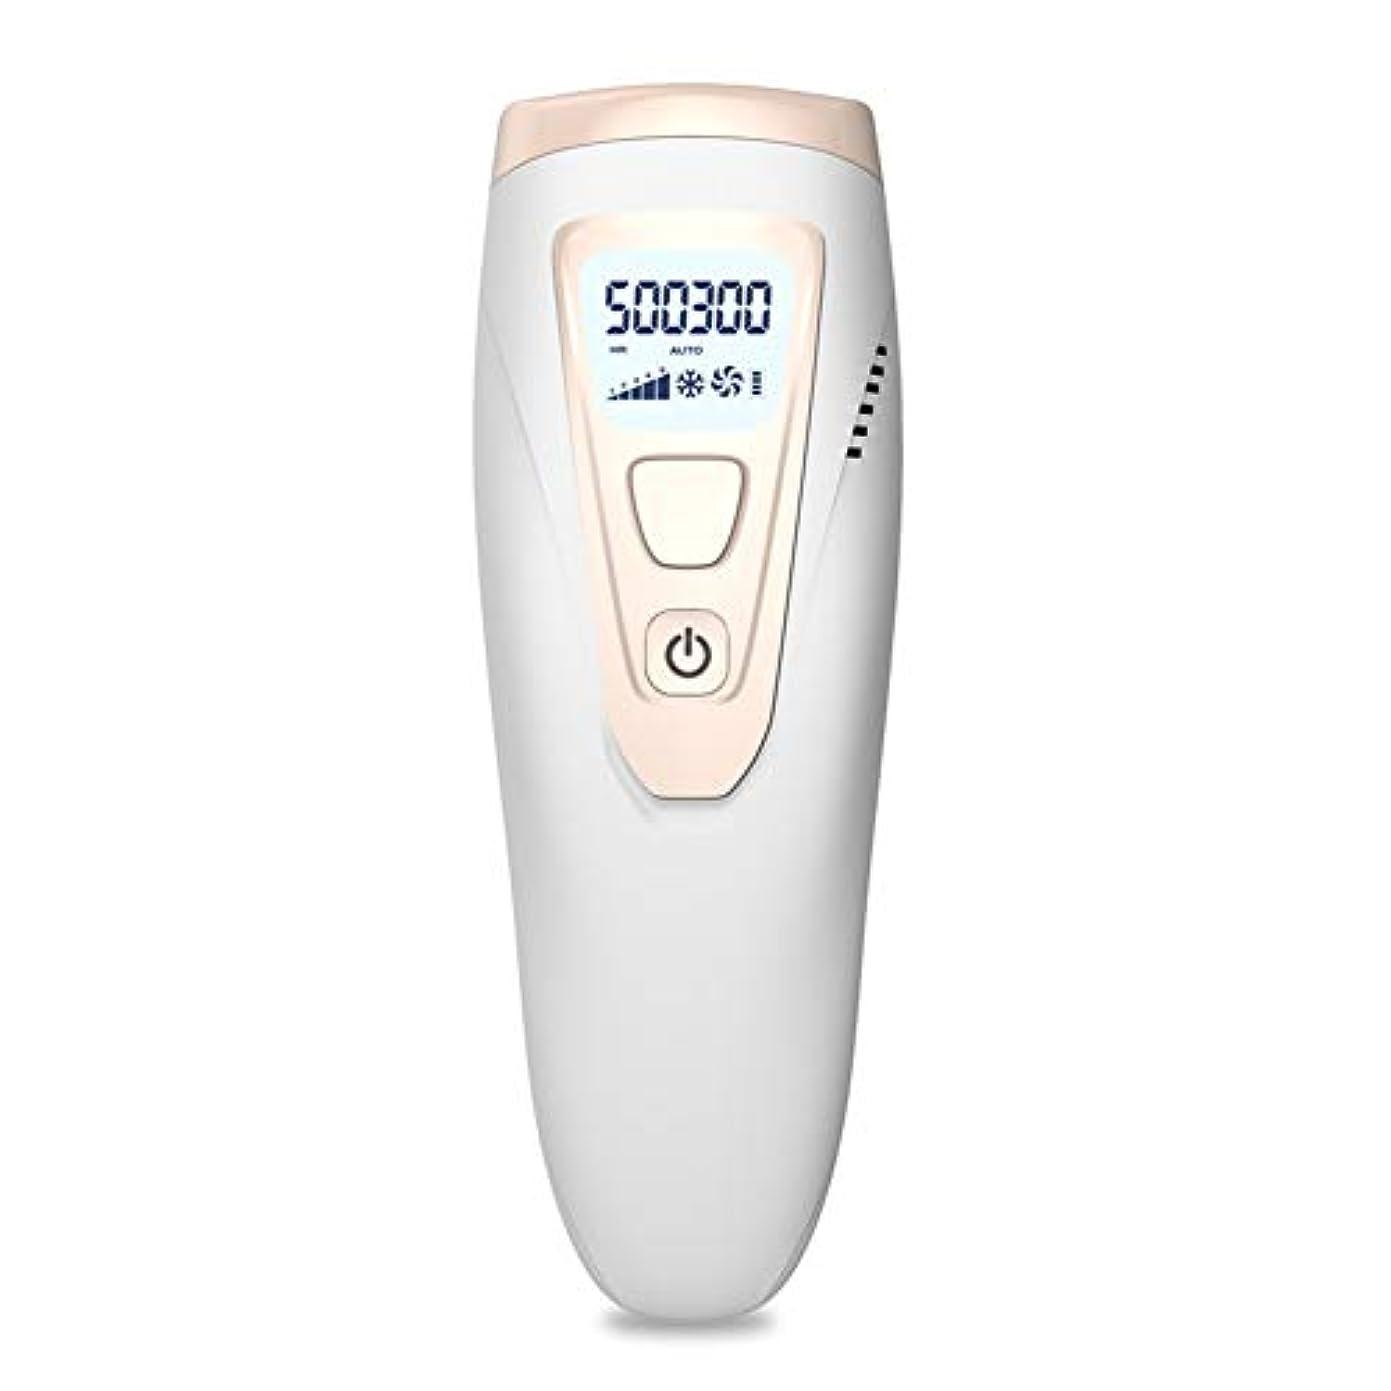 贅沢な風が強いトリムアイスクールIPLレーザー脱毛システム50万回のフラッシュ無痛常設パルス光脱毛器デバイス、にとってボディフェイス脇の下ビキニライン